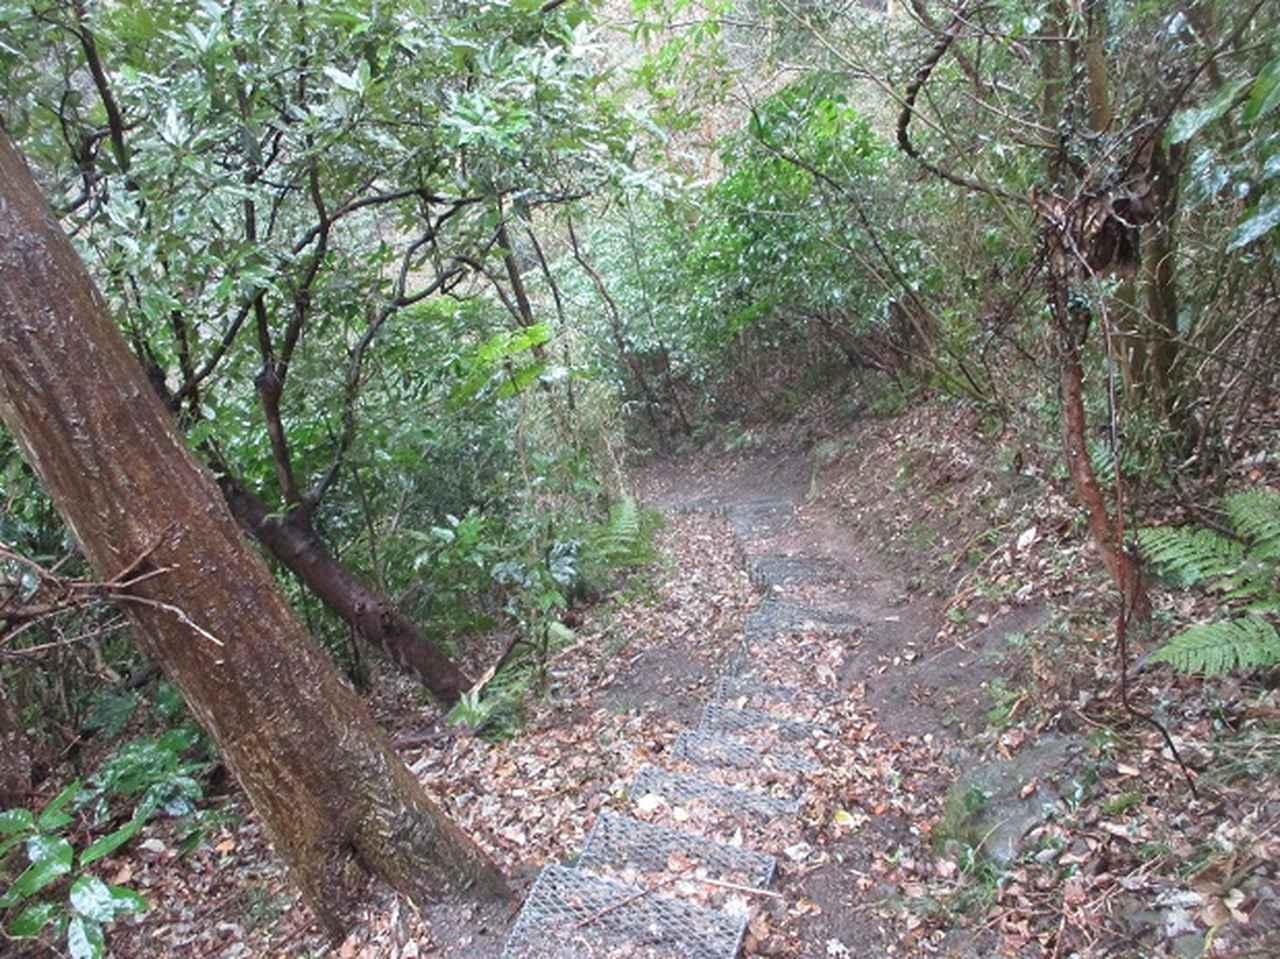 画像11: 2月16日・実施予定の山旅会 乳頭山から畠山 ツアーの下見へ!